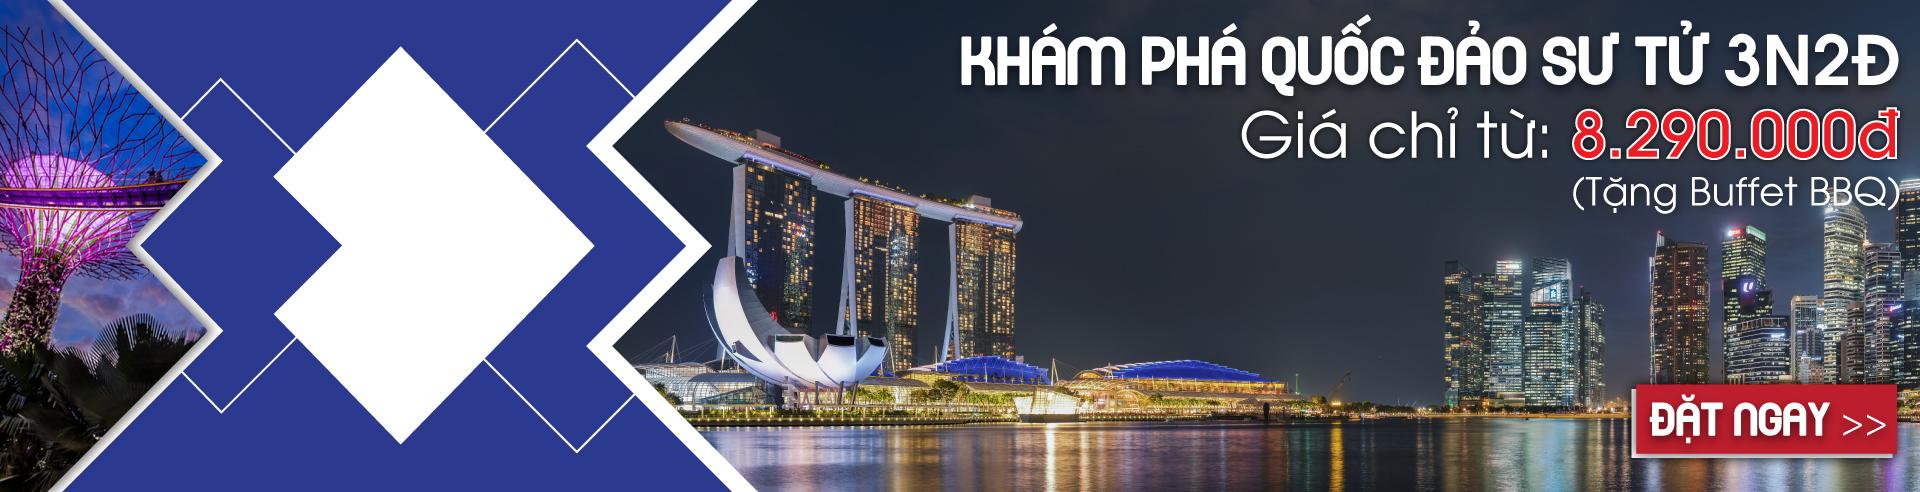 HCM Singapore Khám phá quốc đảo sư tử